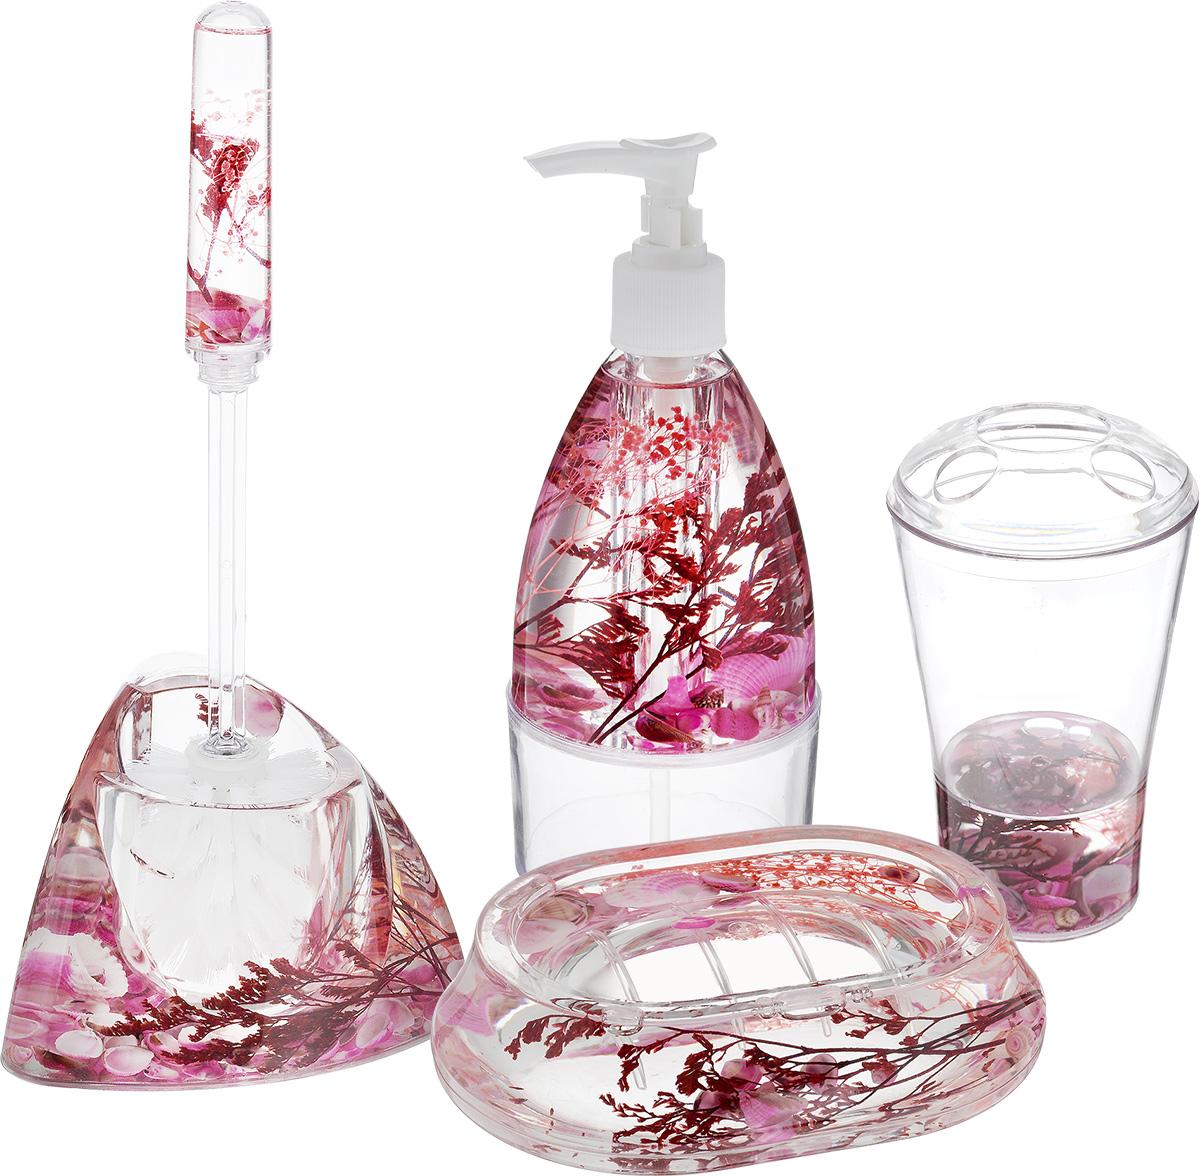 Набор для ванной комнаты Mayer & Boch Ракушка, цвет белый, розовый, 5 предметов8647_белый/розовыйНабор для ванной комнаты Mayer & Boch Ракушка состоит из диспенсера для жидкого мыла, стакана для 4 зубных щеток и зубной пасты, мыльницы и ершика на подставке. Предметы набора выполнены из высококачественного прозрачного пластика. Внутри гелевый наполнитель с морскимиракушками и кораллами.Аксессуары, входящие в набор Mayer & Boch Ракушка, выполняют не только практическую, но и декоративную функцию. Они способны внести в помещение изысканность, сделать пребывание в ванне приятным и даже незабываемым. Диаметр стакана (по верхнему краю): 8 см. Высота стакана (без учета крышки): 12 см. Размер диспенсера: 7,5 х 7,5 х 18,5 см. Объем диспенсера: 200 мл. Размер мыльницы: 13 х 9,5 х 3 см.Длина ершика: 32,5 см. Размер рабочей поверхности ершика: 6,5 х 6,5 х 8 см. Размер подставки для ершика: 17 х 12,3 х 10,5 см.